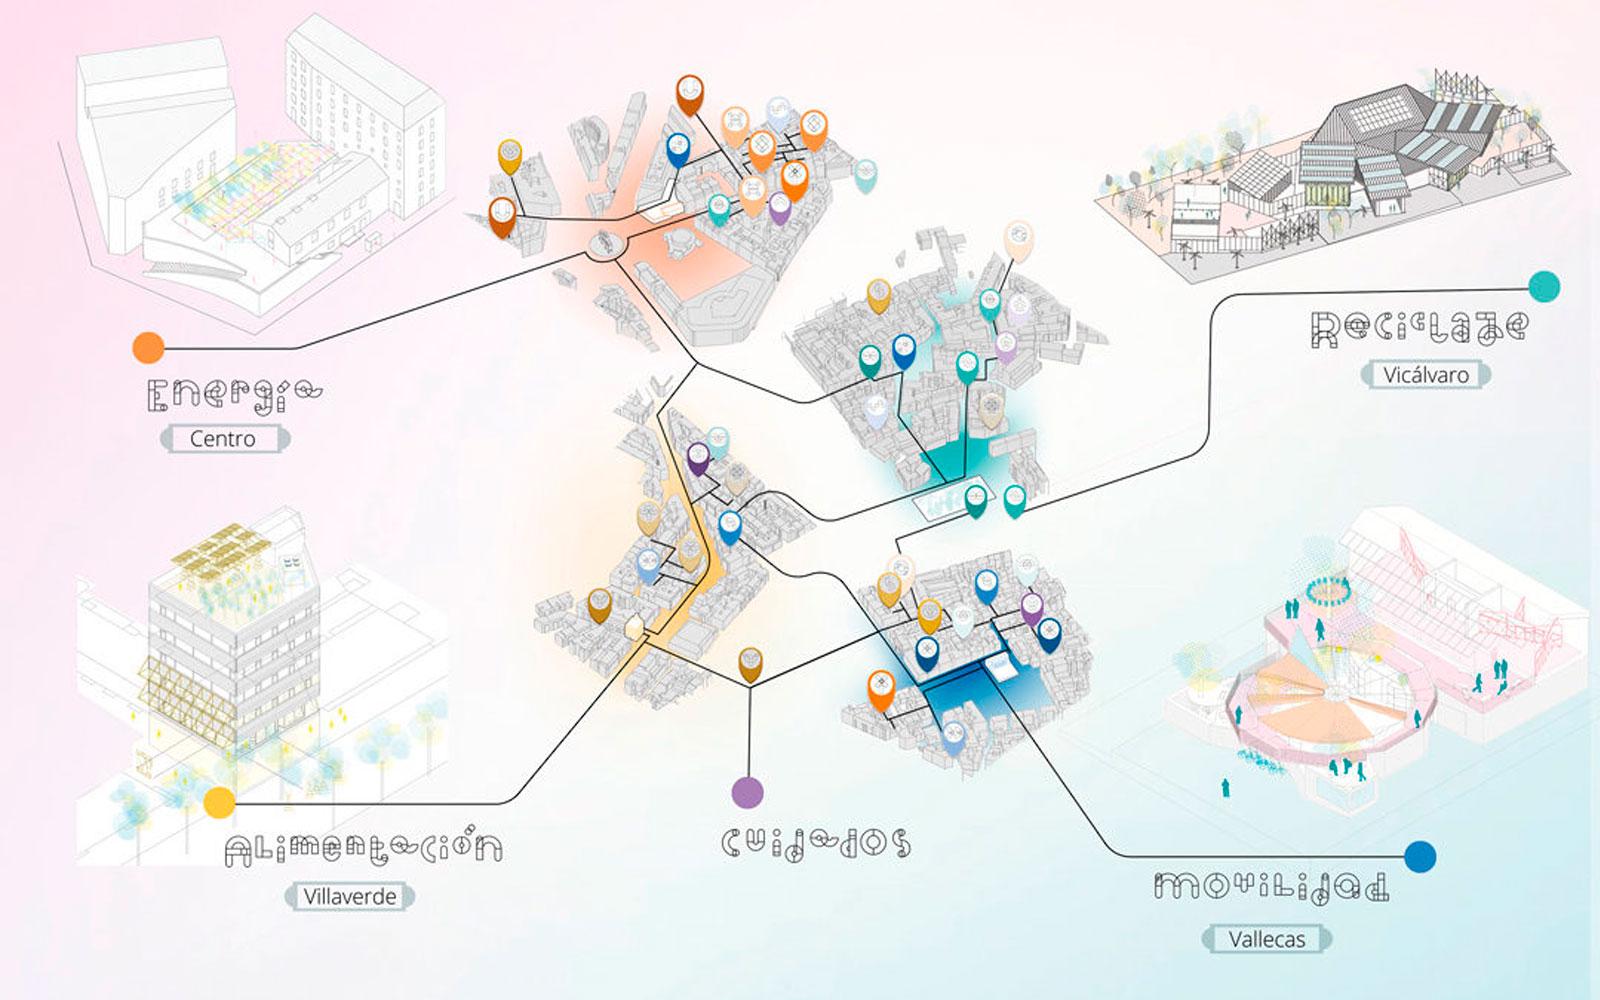 Provocar la transformación urbana